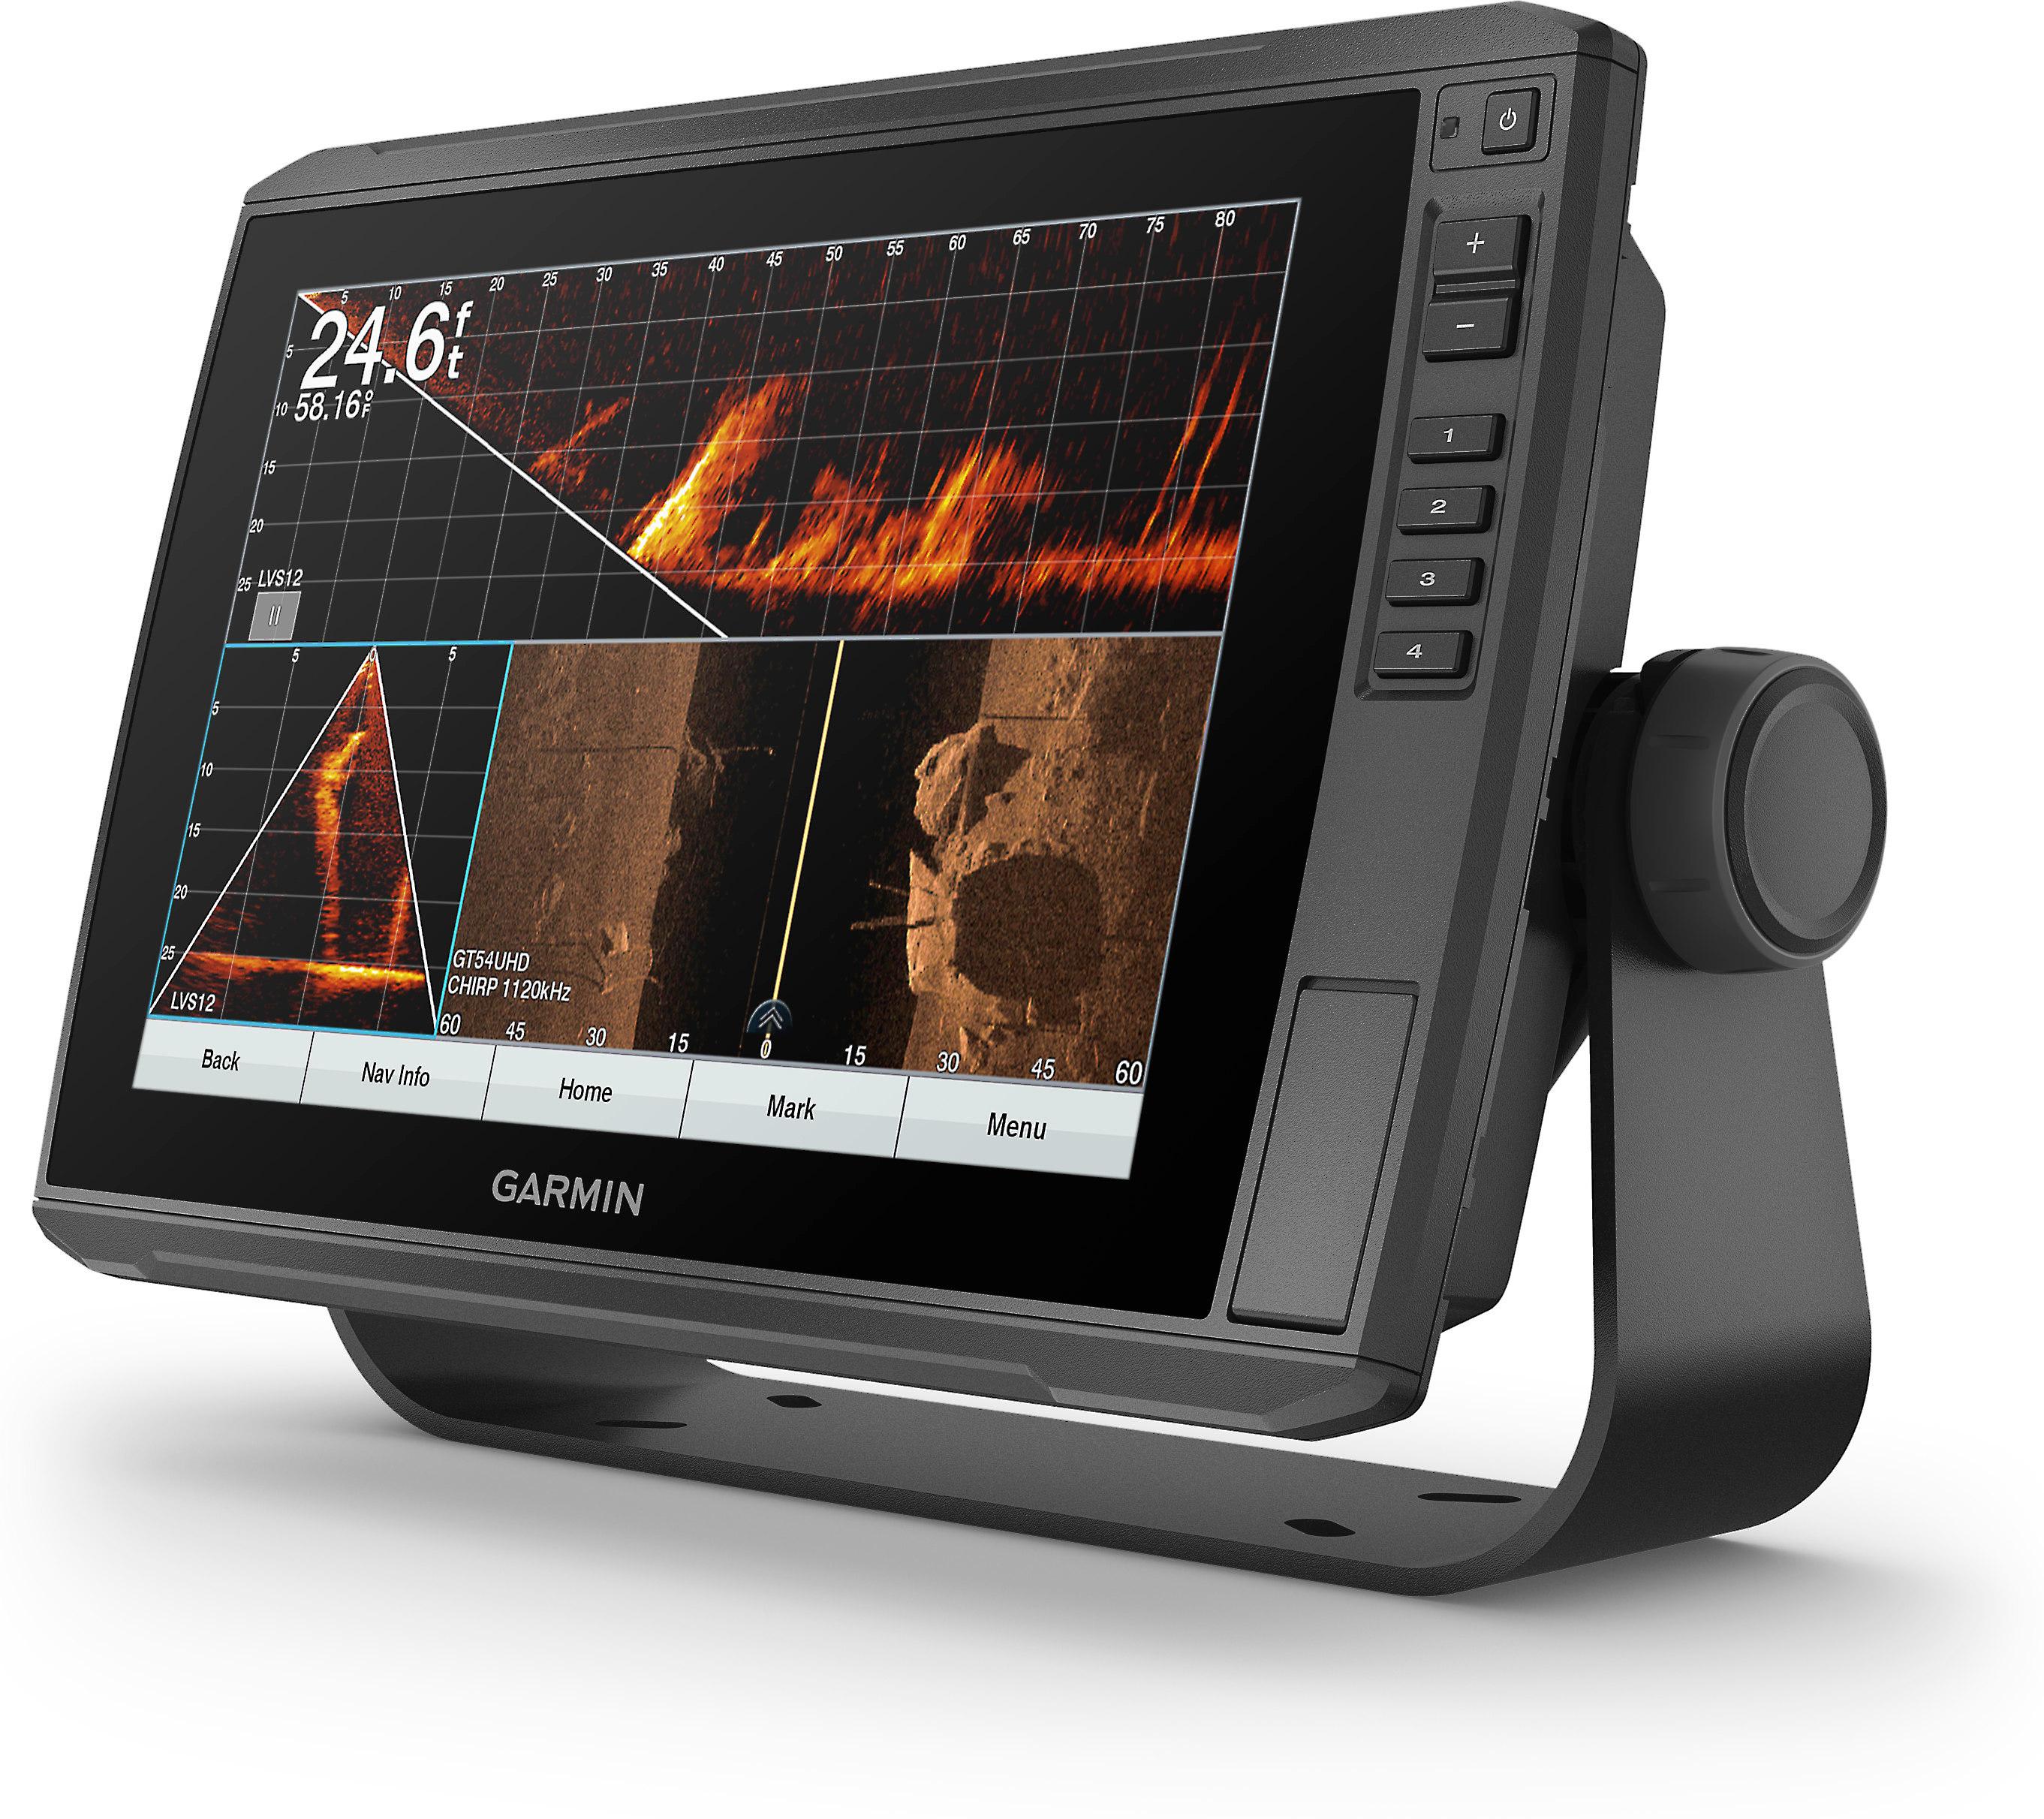 Garmin echoMAP™ Ultra 106sv